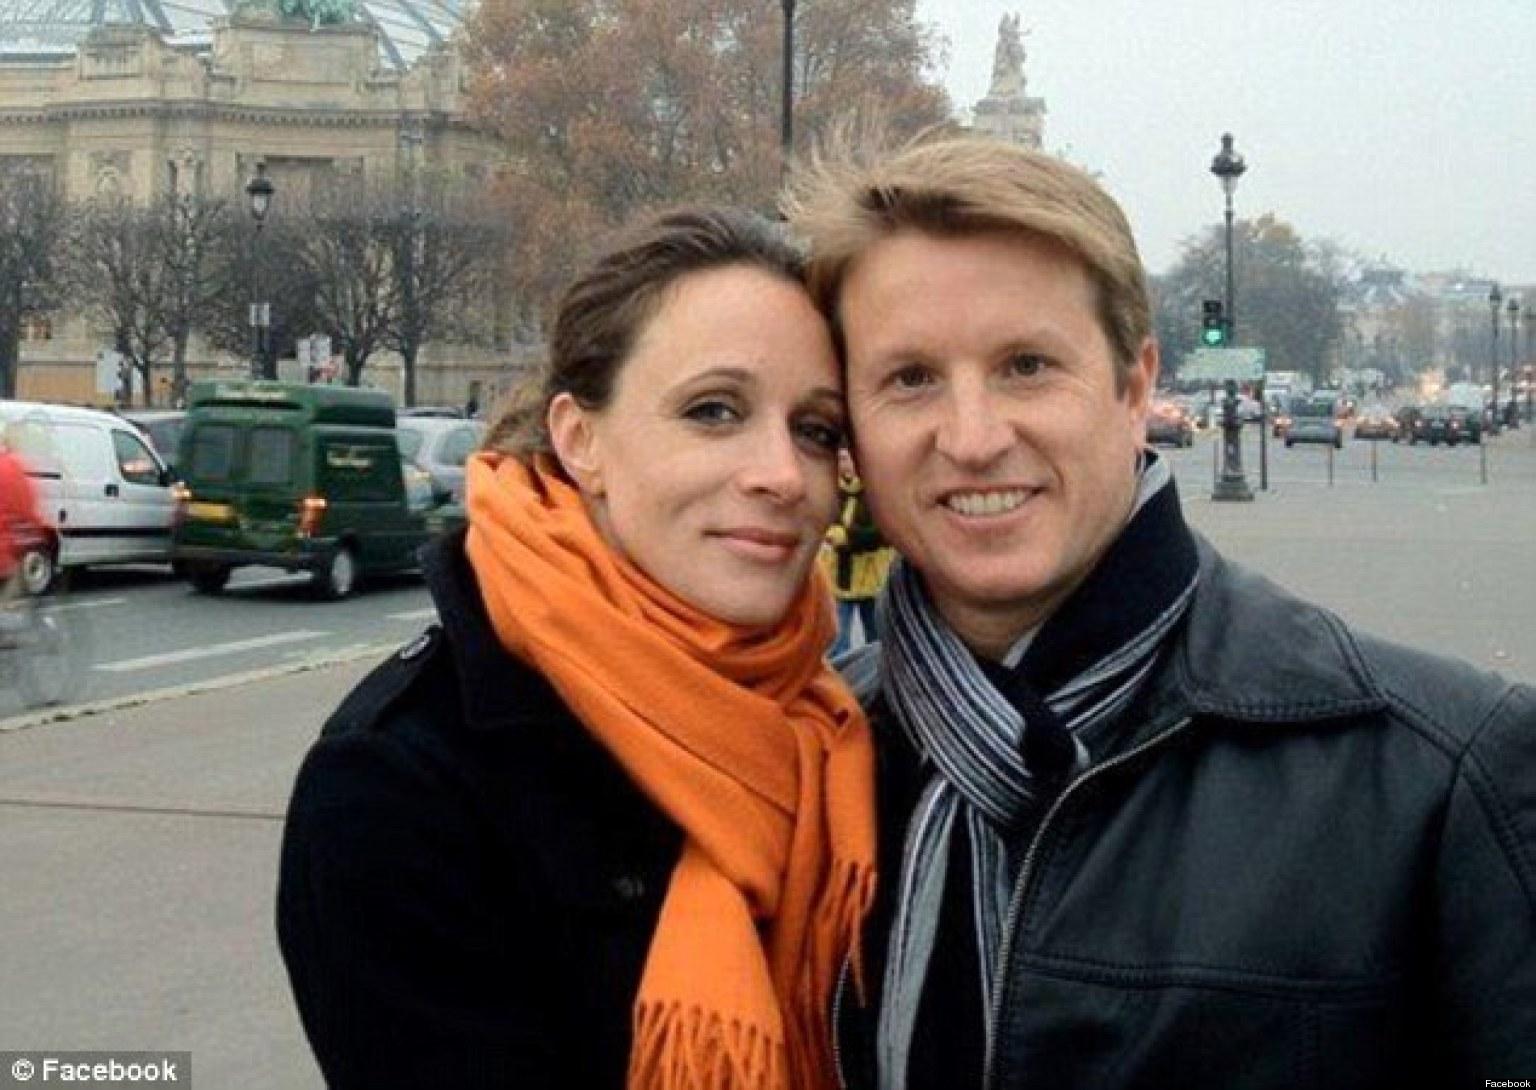 Рогоносец и его жена фото 7 фотография